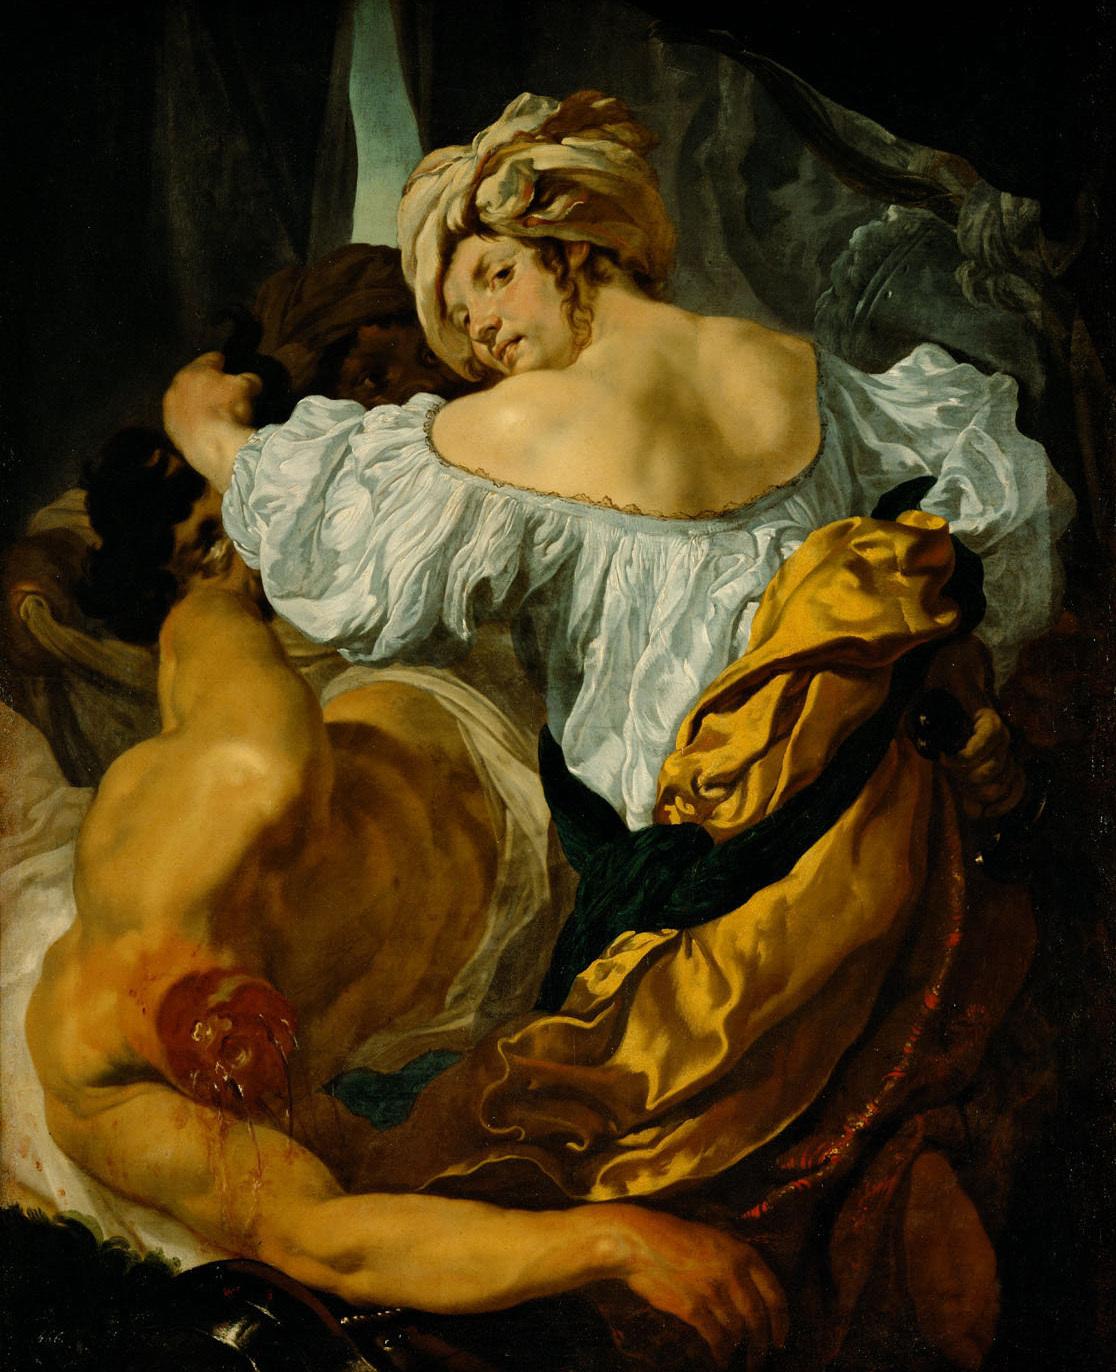 """1. Drittel des 17. Jahrhunderts, Öl auf Leinwand, 126 cm × 102 cm, Kunsthistorisches Museum Wien, Gemäldegalerie, Inv.-Nr. 2324. <br><strong>Quelle:</strong> <a href=""""https://www.khm.at/objektdb/detail/1108/"""">Kunsthistorisches Museum Wien</a> <br><strong>Lizenz:</strong> <a href=""""https://creativecommons.org/licenses/by-nc-sa/4.0/deed.de"""">Creative Commons BY-NC-SA 4.0</a> <br><strong>Erläuterung:</strong> Johann Liss exponiert in seinem Gemälde die muskulösen Schultern Judiths, sodass die Darstellung viel eher dem klassischen Ideal des athletisch-maskulinen Heldenkörpers entspricht. Judith wirkt damit nicht nur körperlich dem Holofernes ebenbürtig, auch vollzieht sie ihre Tat in ruhiger Abgeklärtheit und scheut die Nähe zum dekapitierten Körper des Holofernes nicht."""